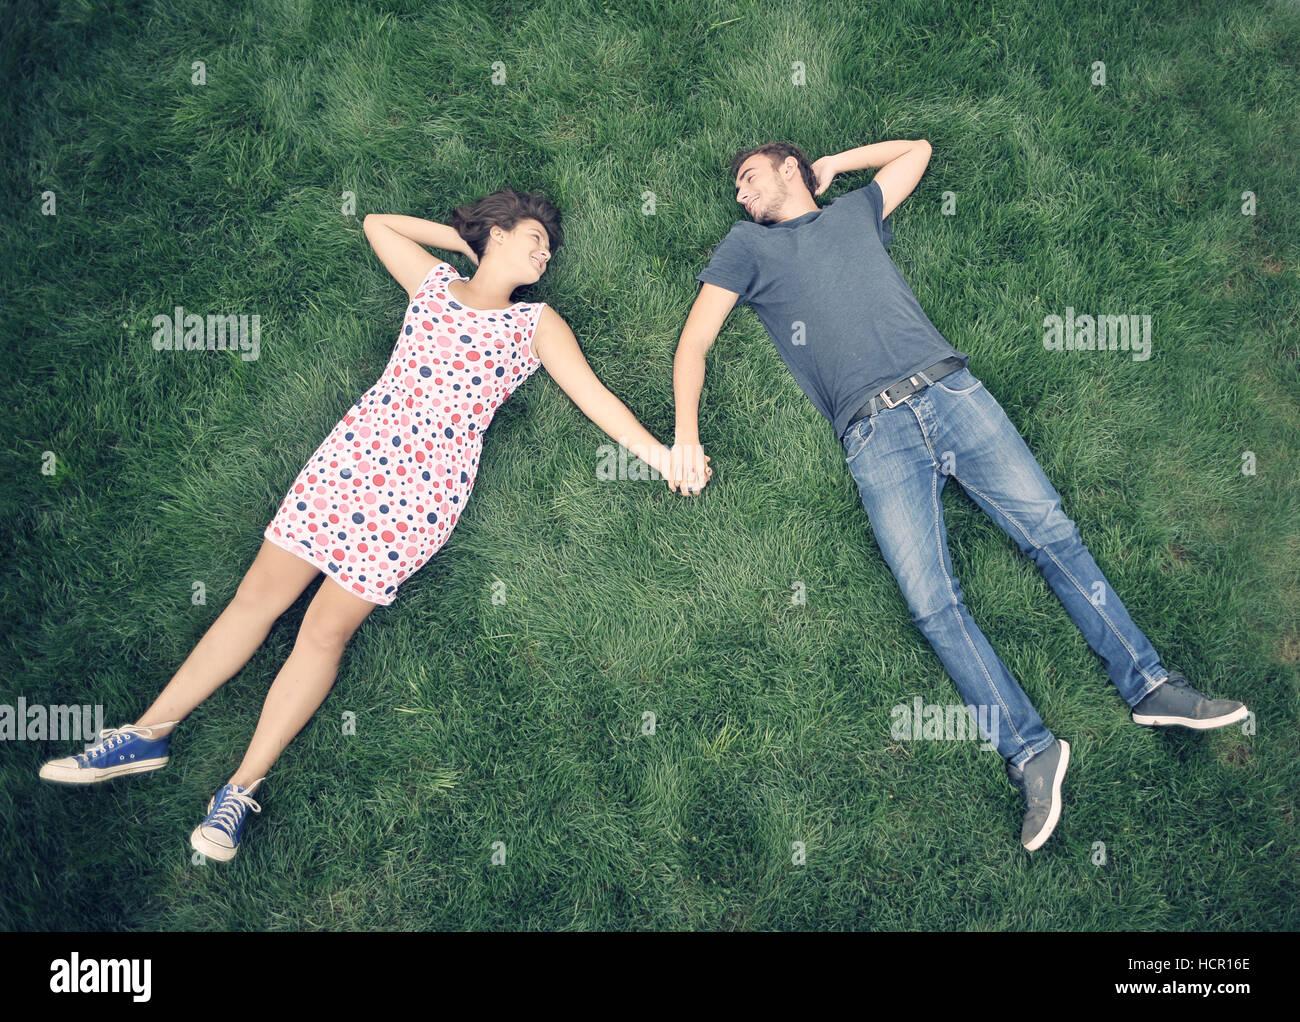 Los adolescentes outdoor Imagen De Stock